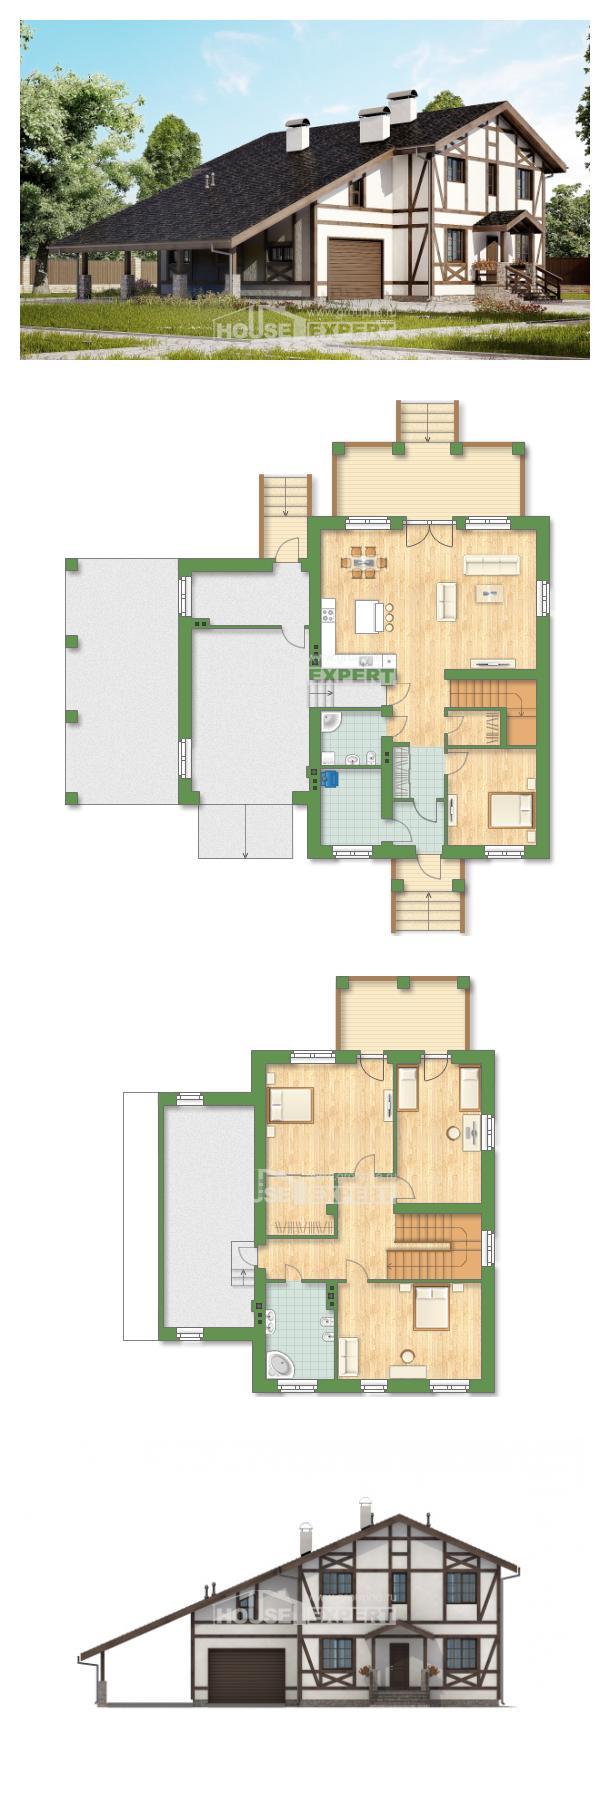 Plan 250-002-L   House Expert